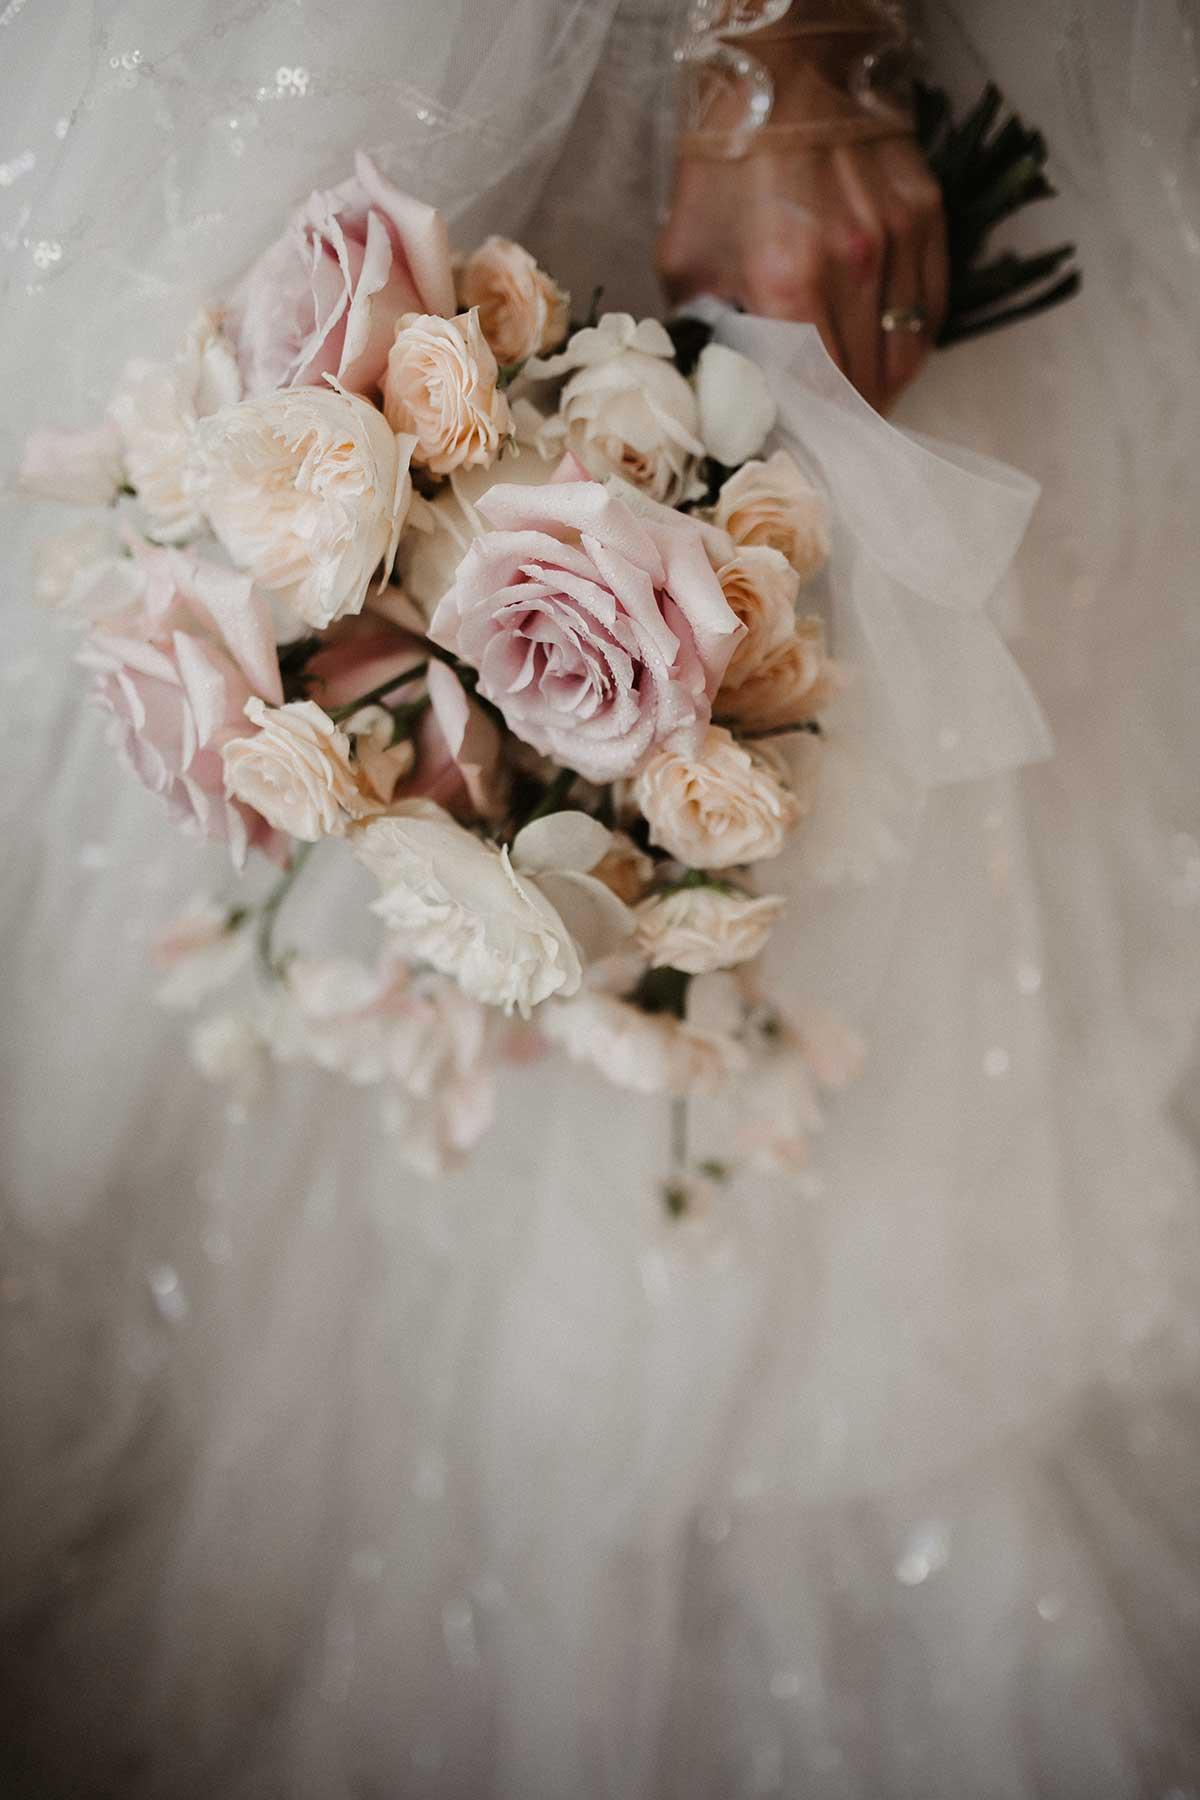 Klassischer Brautstrauß mit Rosen